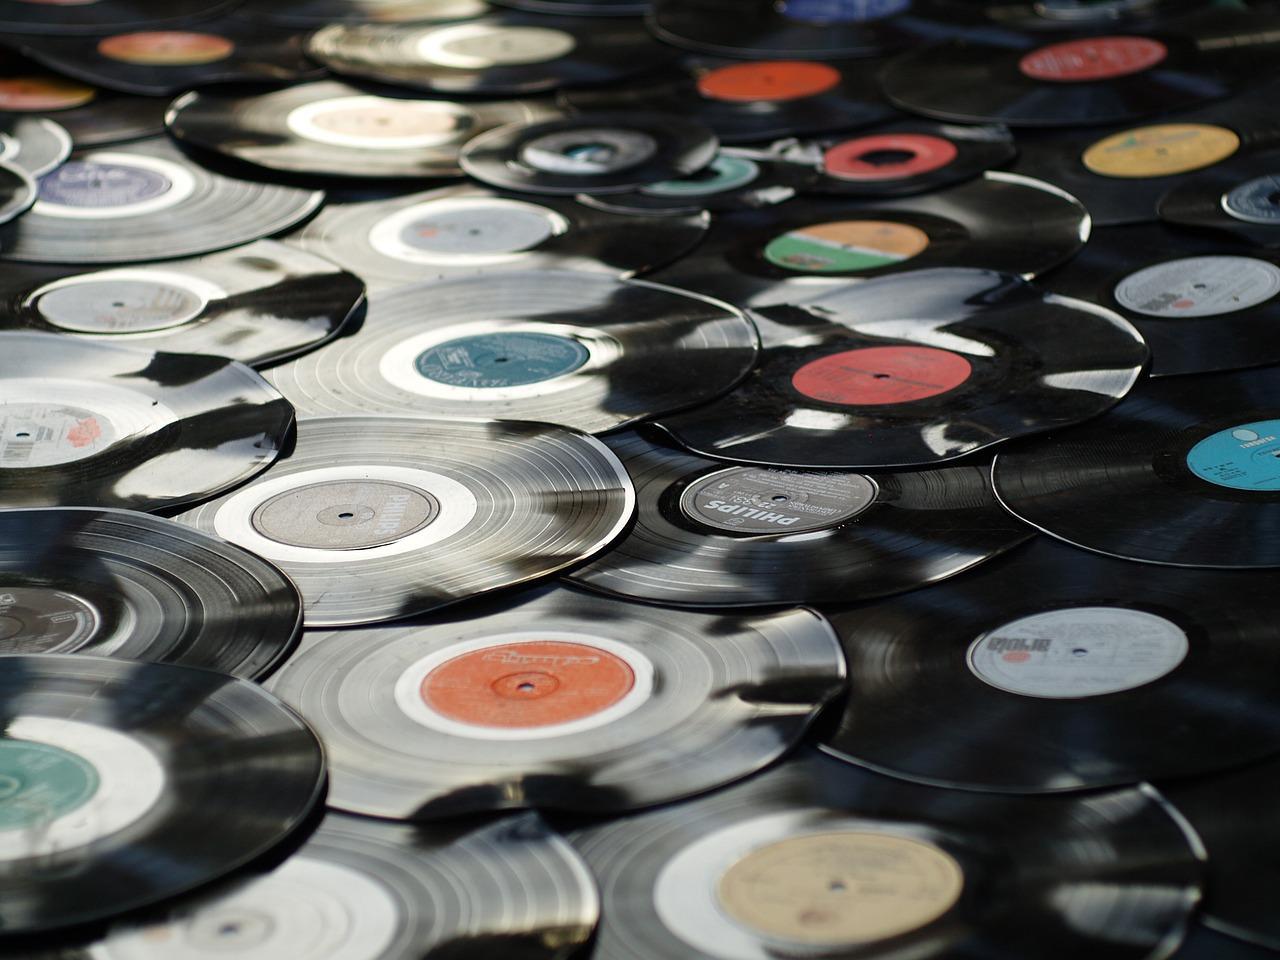 Imagem mostra vários discos de vinil espalhados no chão